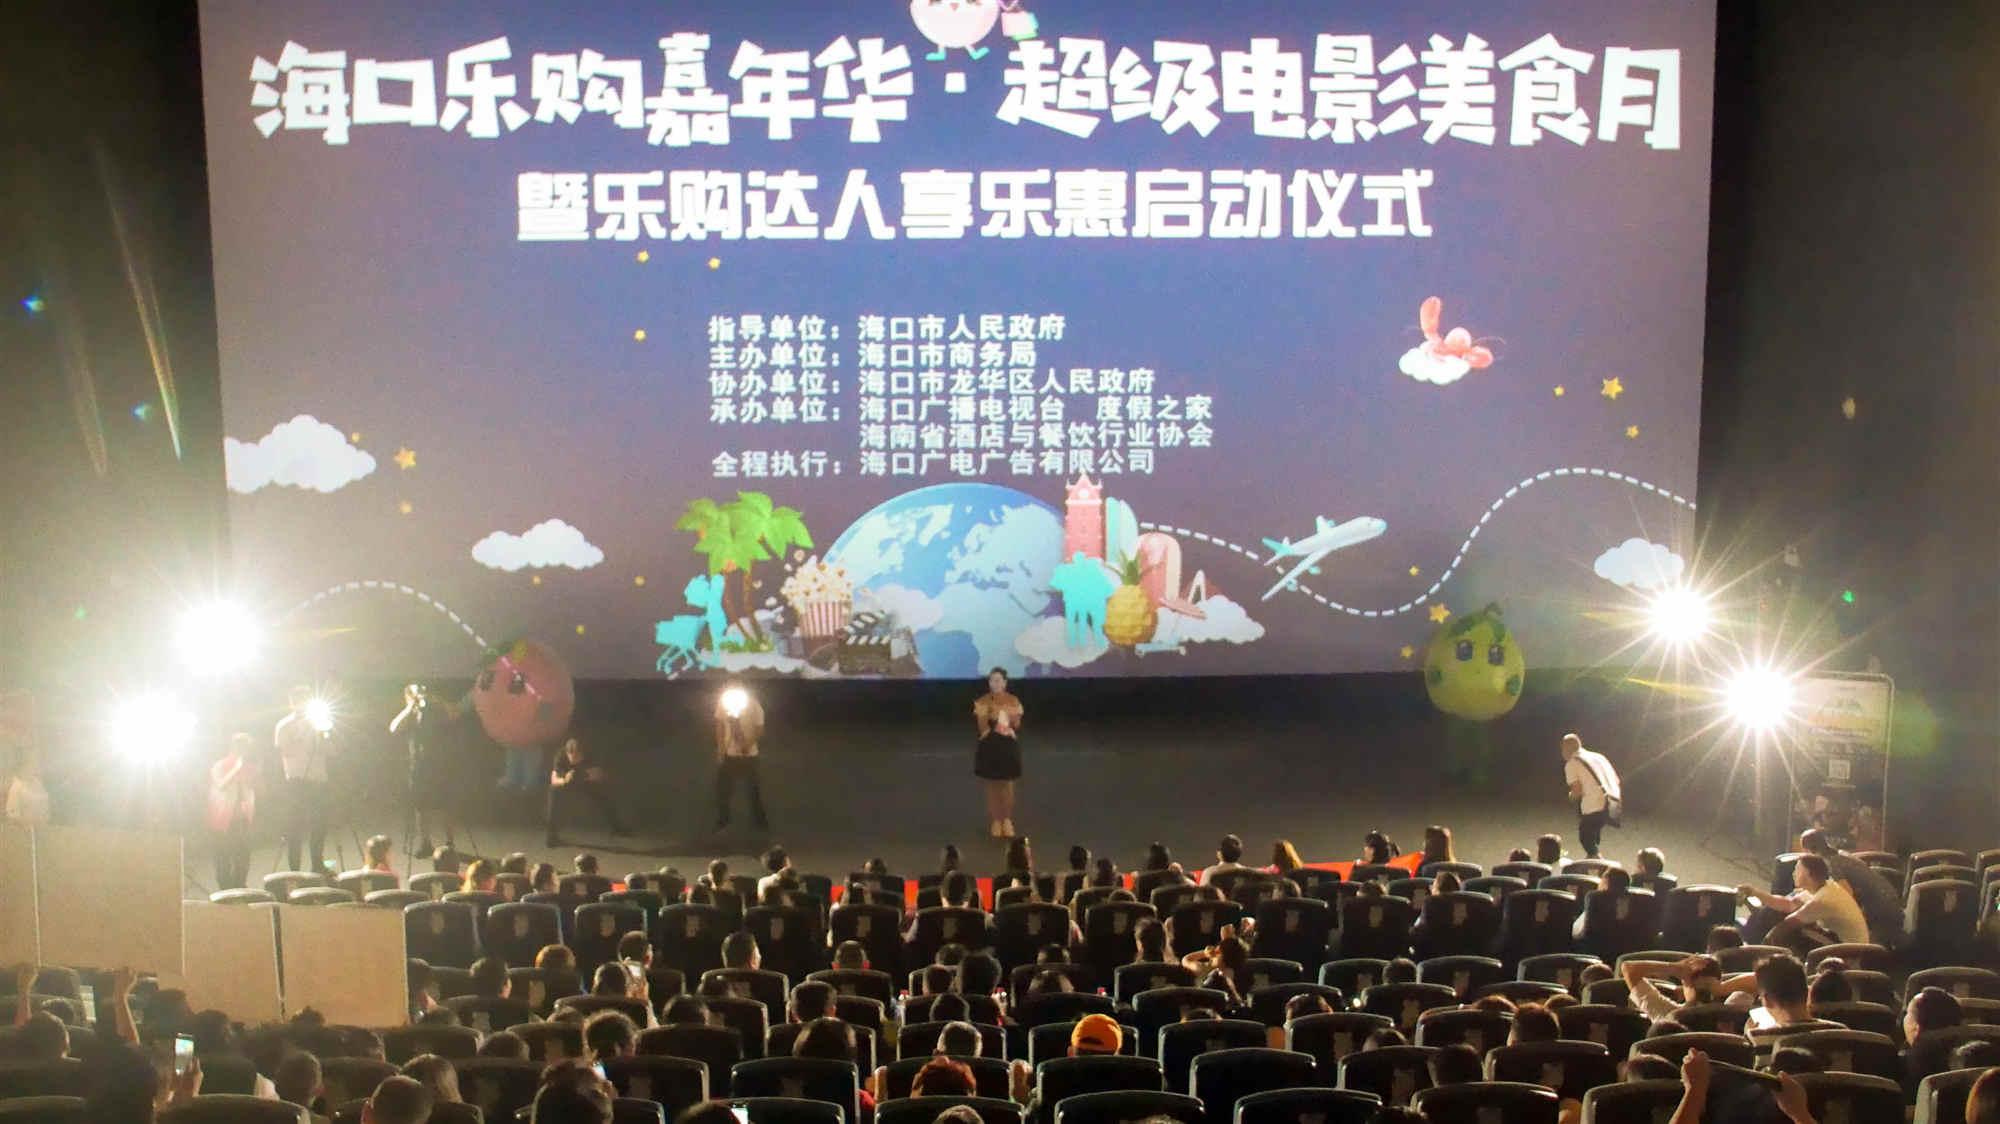 http://www.yhkjzs.com/shishangchaoliu/28216.html